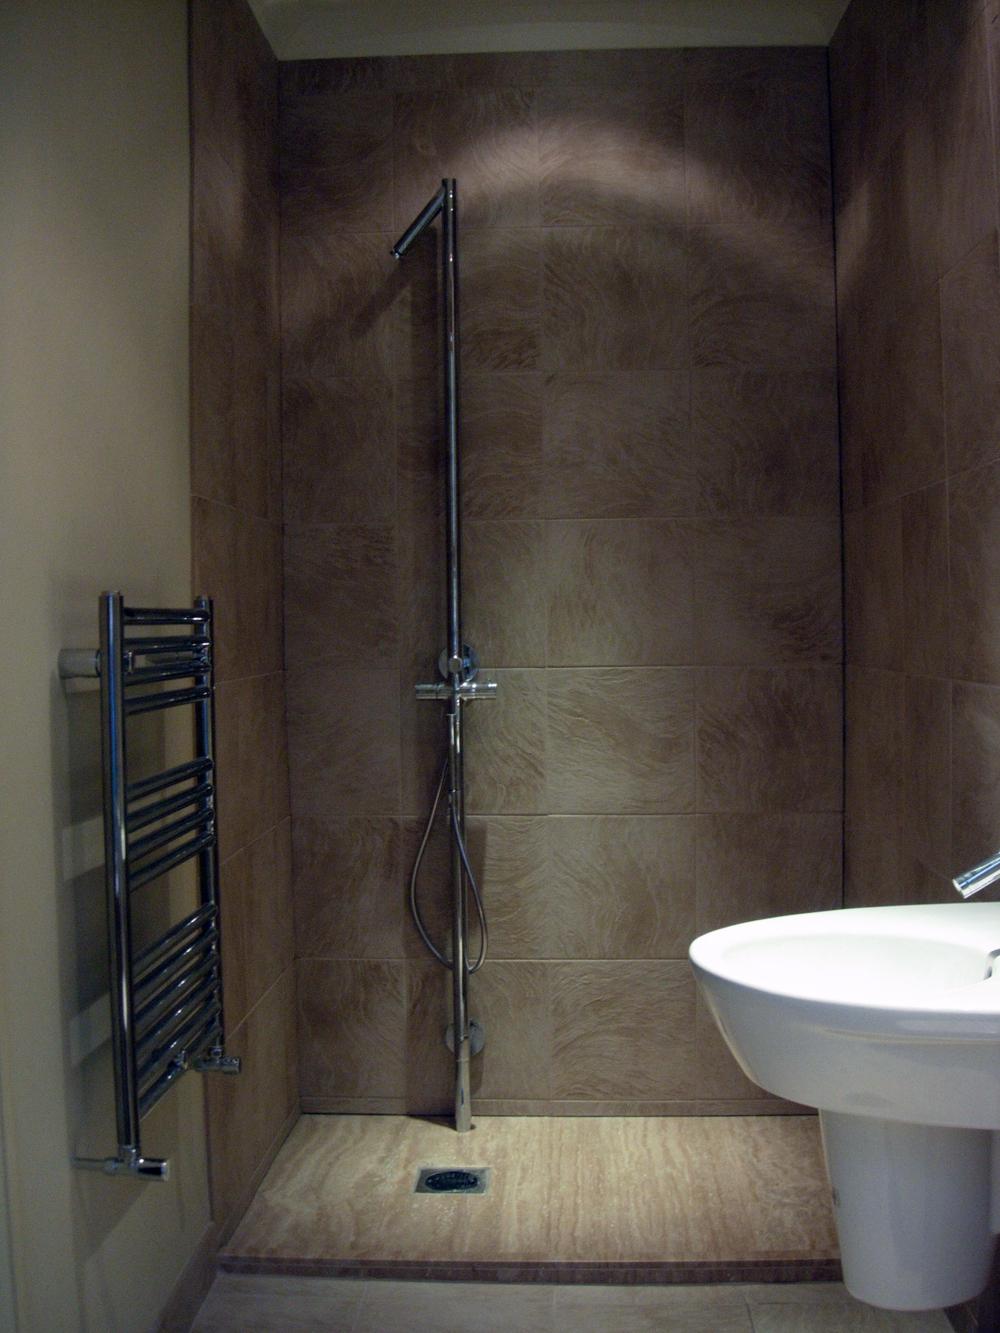 stone kitchen flooring best appliance brands blenstone-stone specialists: bathrooms